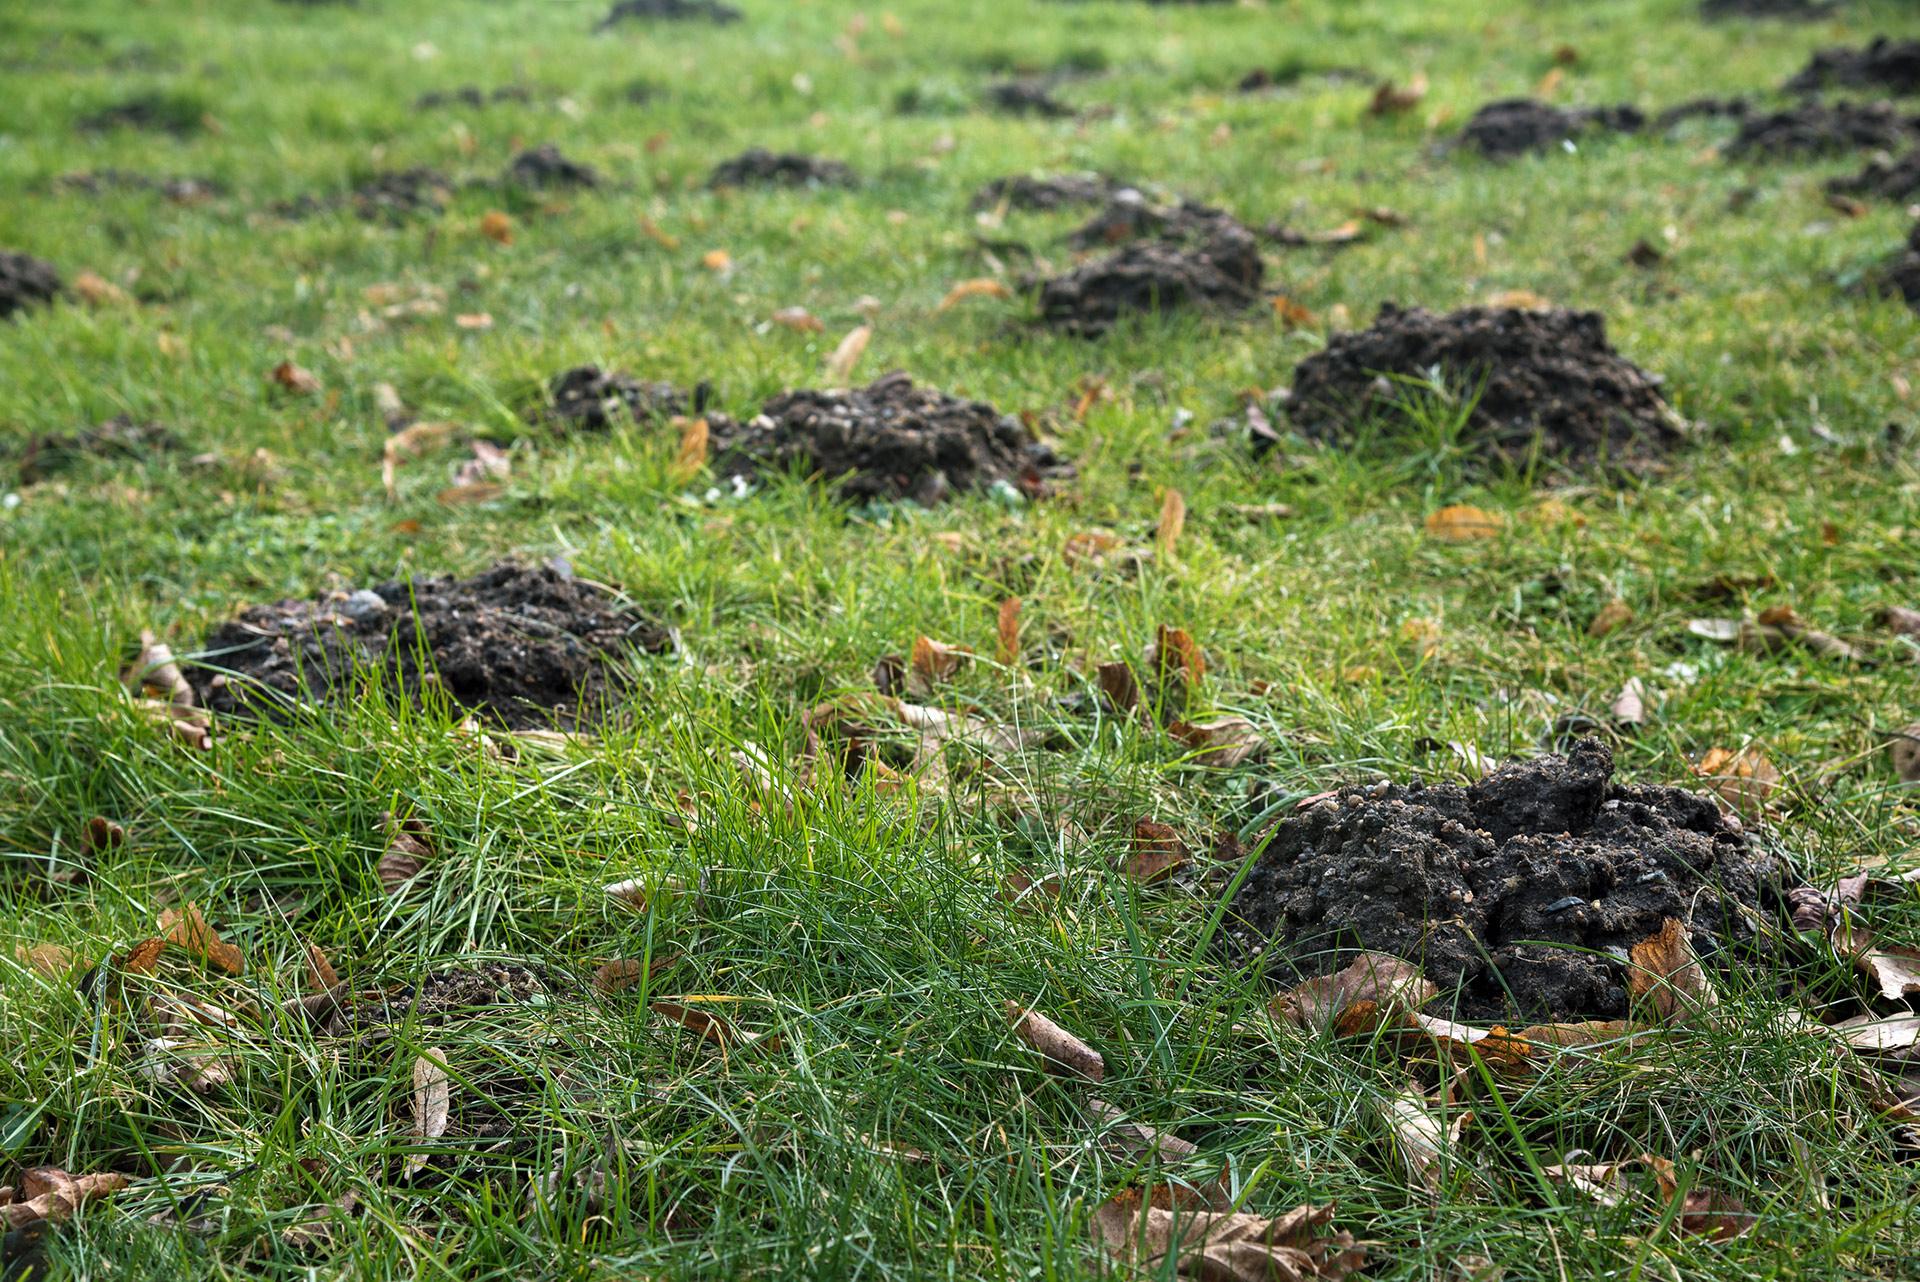 lawn problem grub